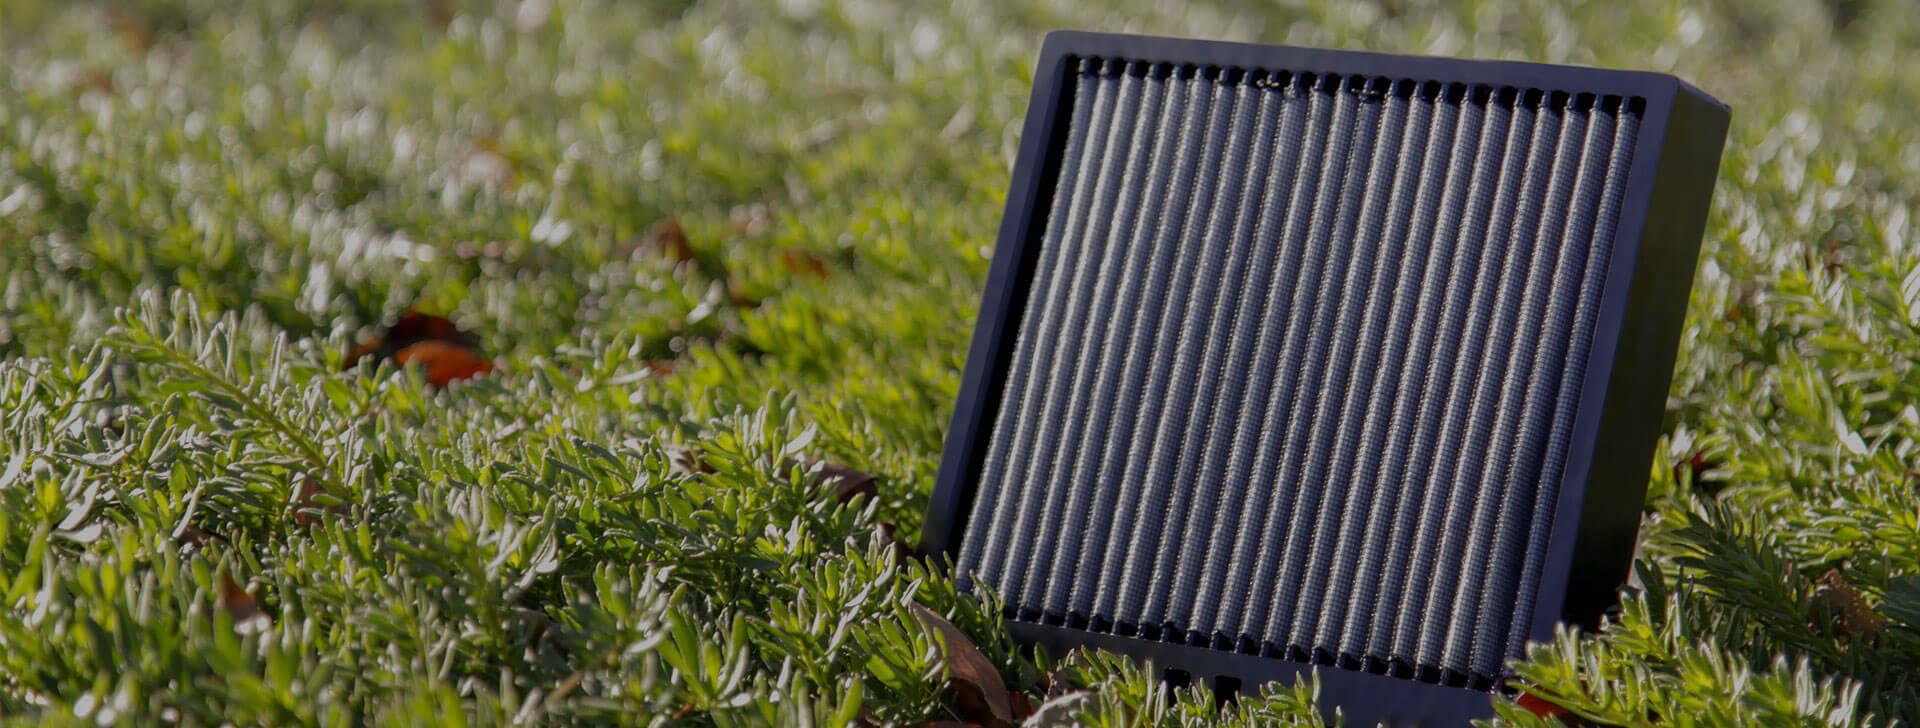 filtro dell'aria per abitacolo nell'erba